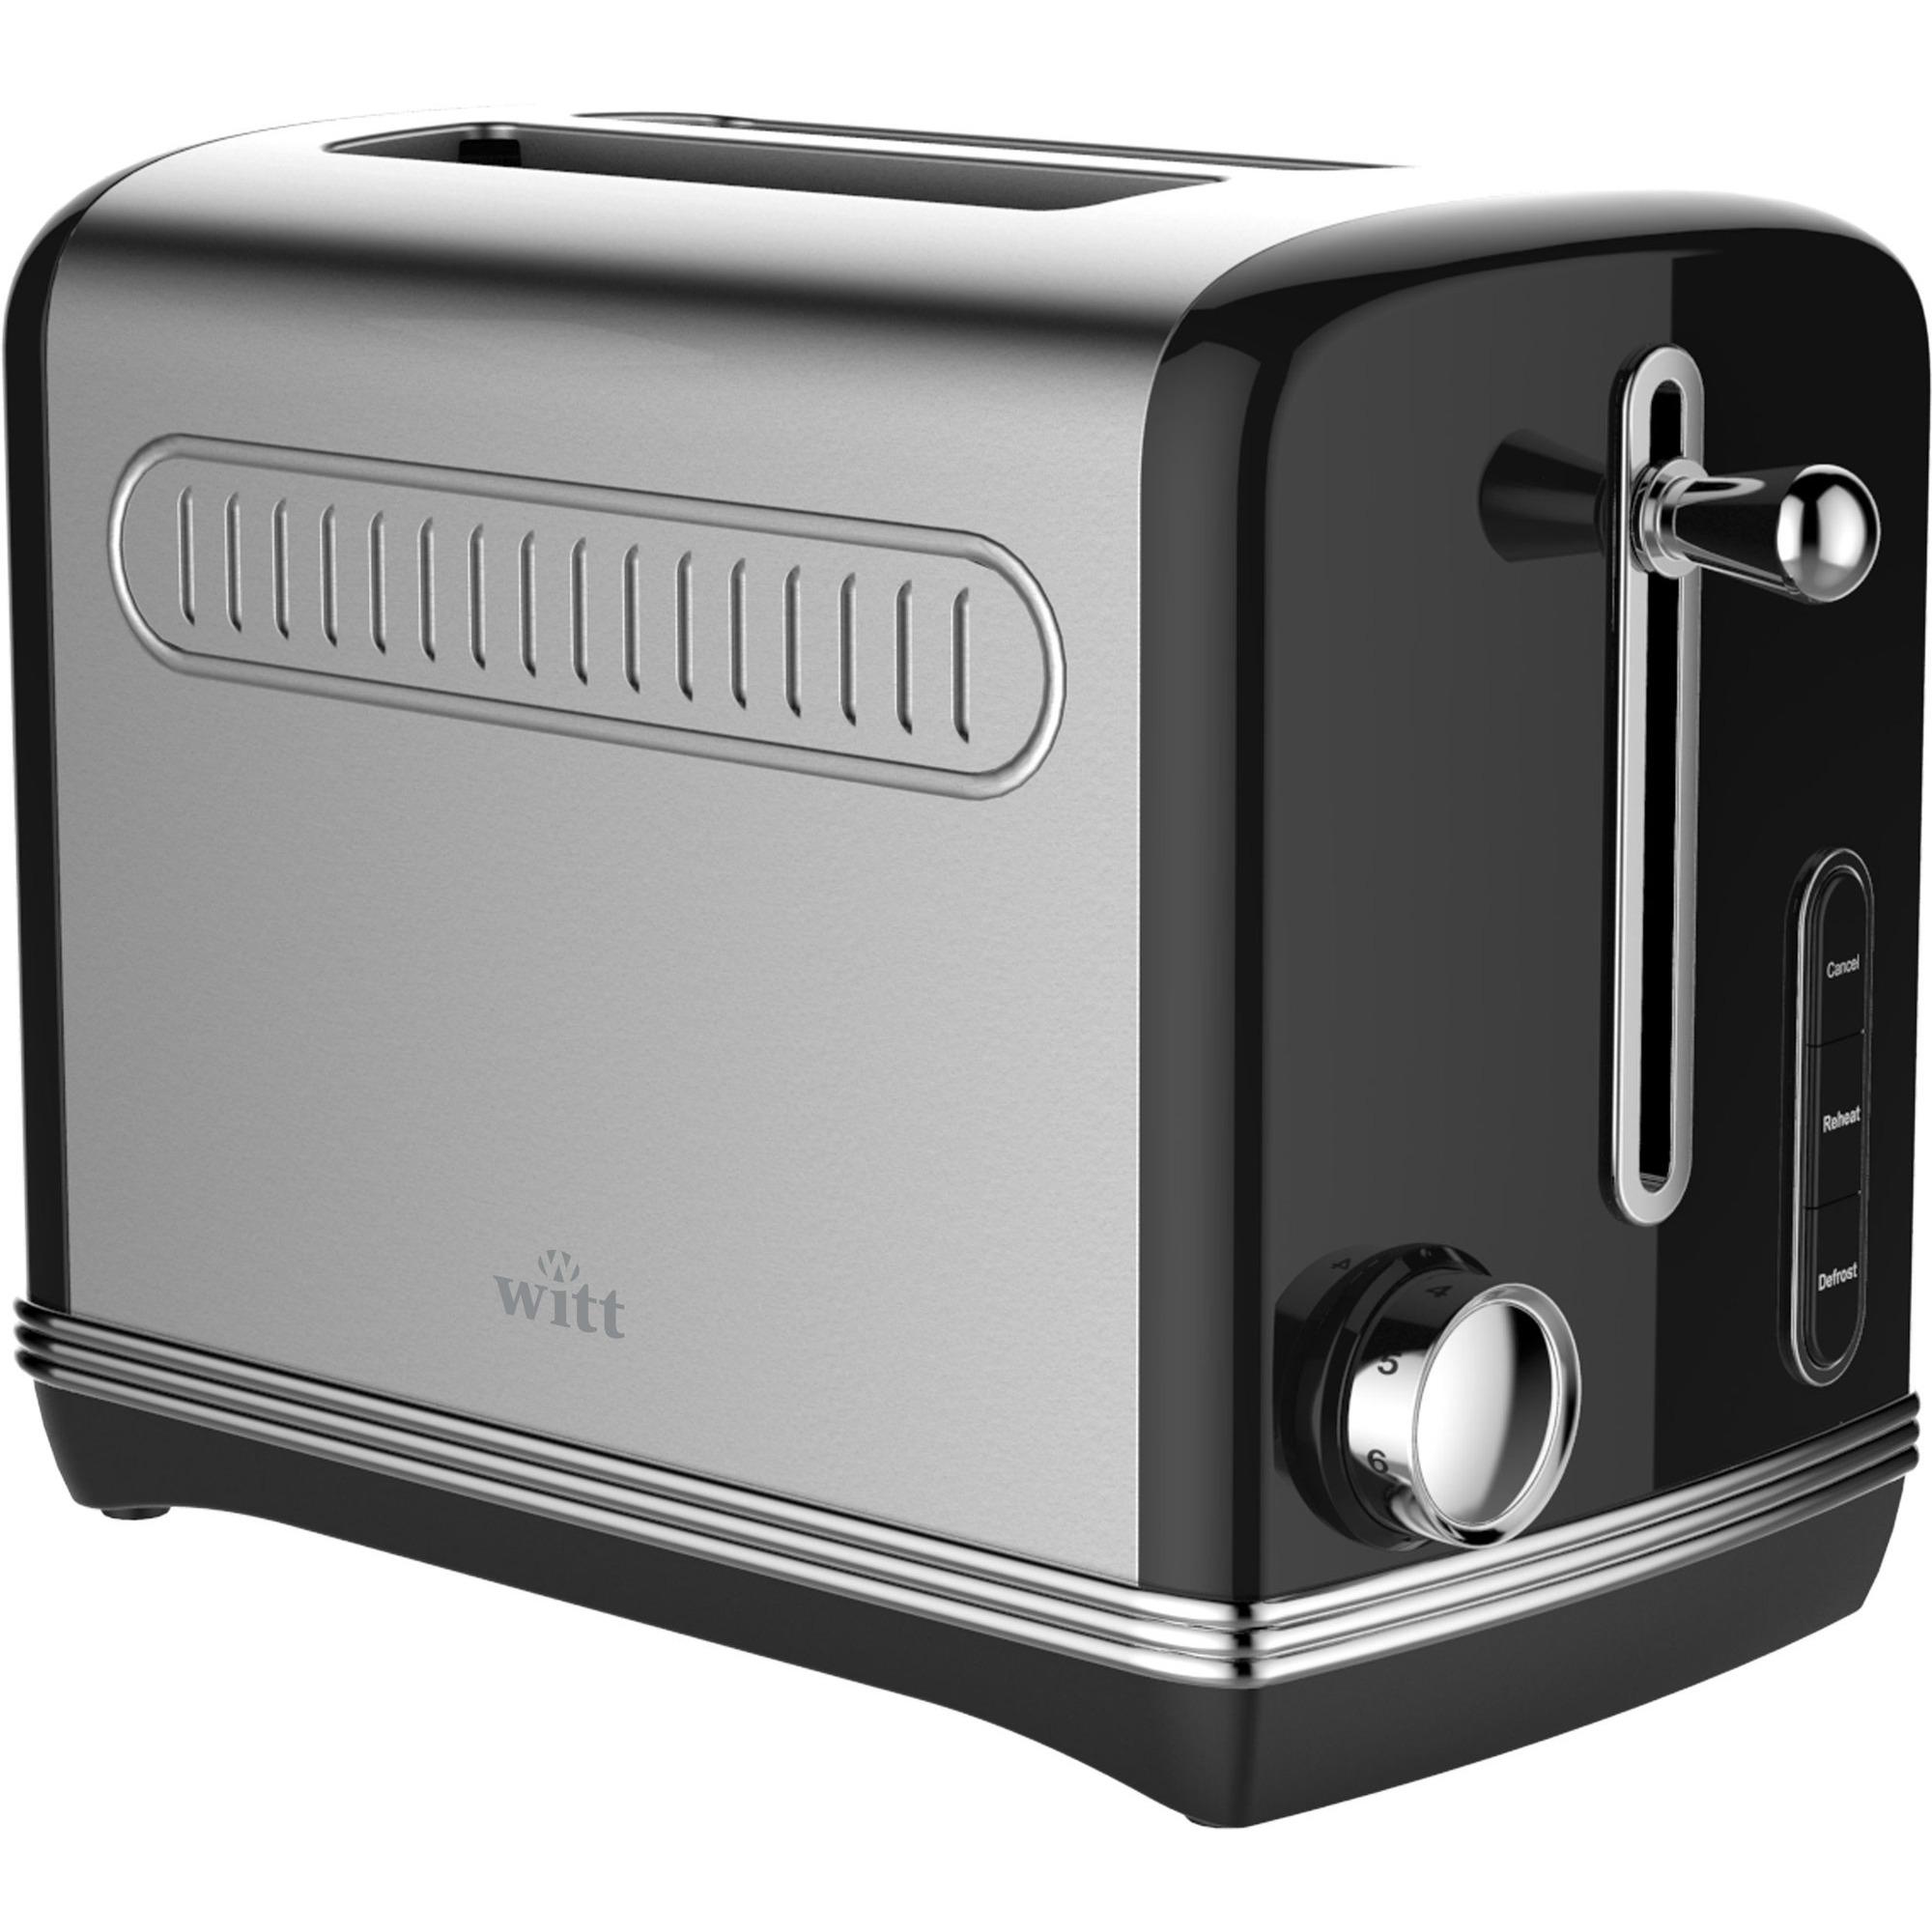 Witt Vintage Toaster Svart